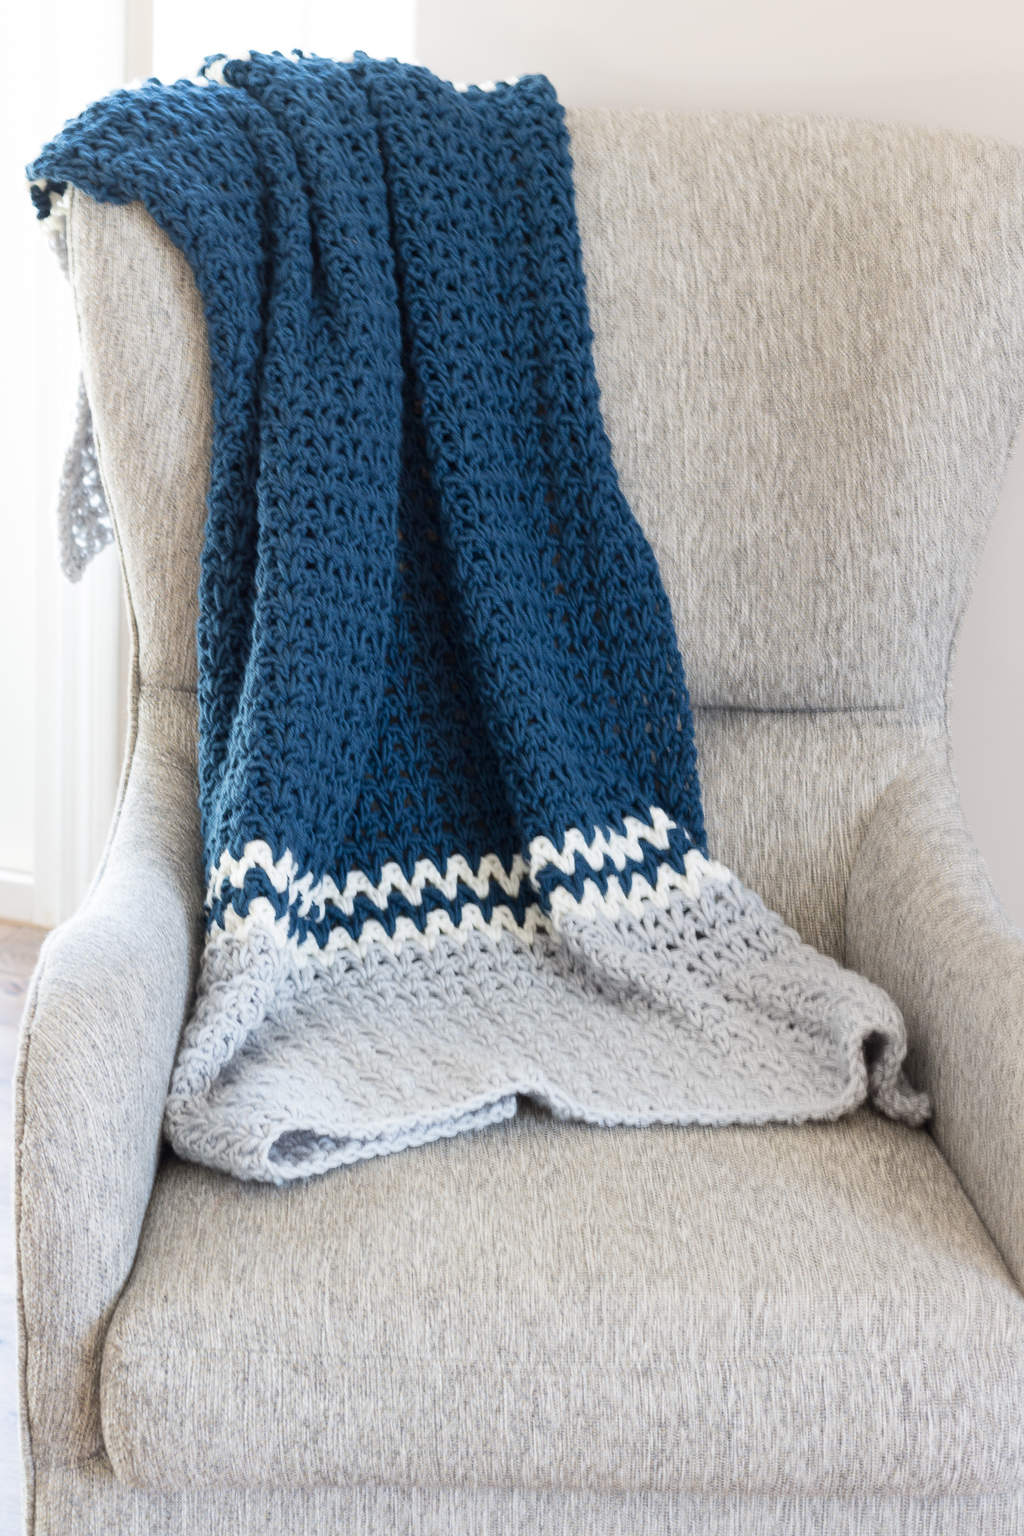 Double Crochet V Blanket Pattern